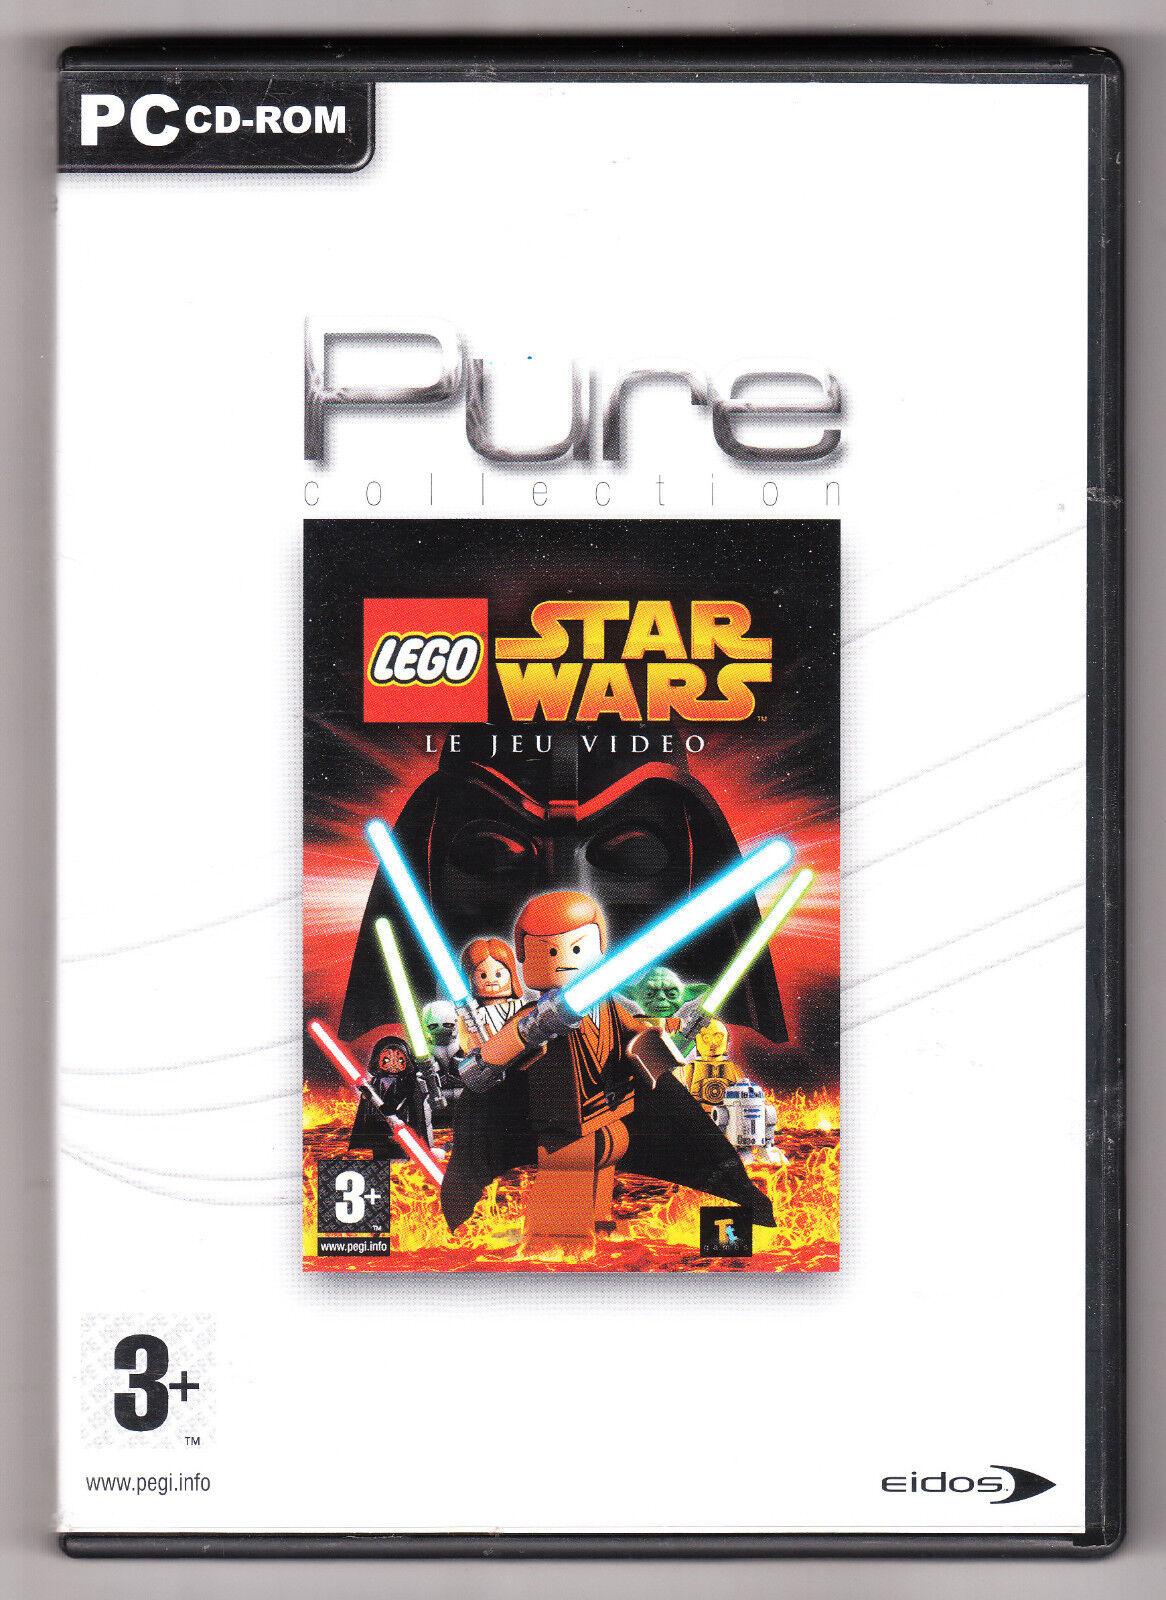 PC - Lego Star Wars Le Jeu Vidéo - Bonne affaire StarWars